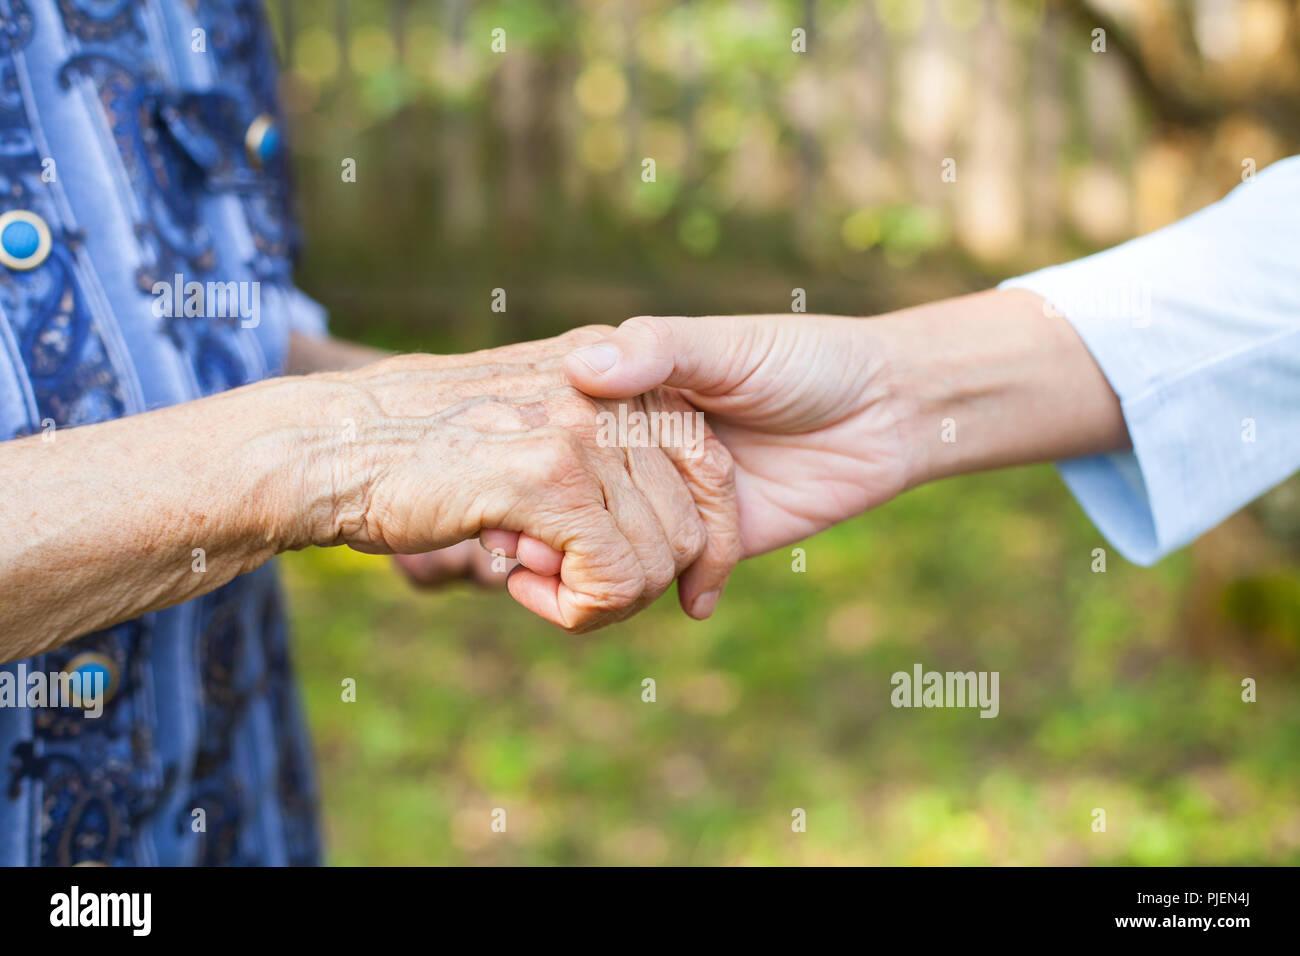 Cerrar imagen de joven mujer sosteniendo su abuela senior arrugadas manos Foto de stock